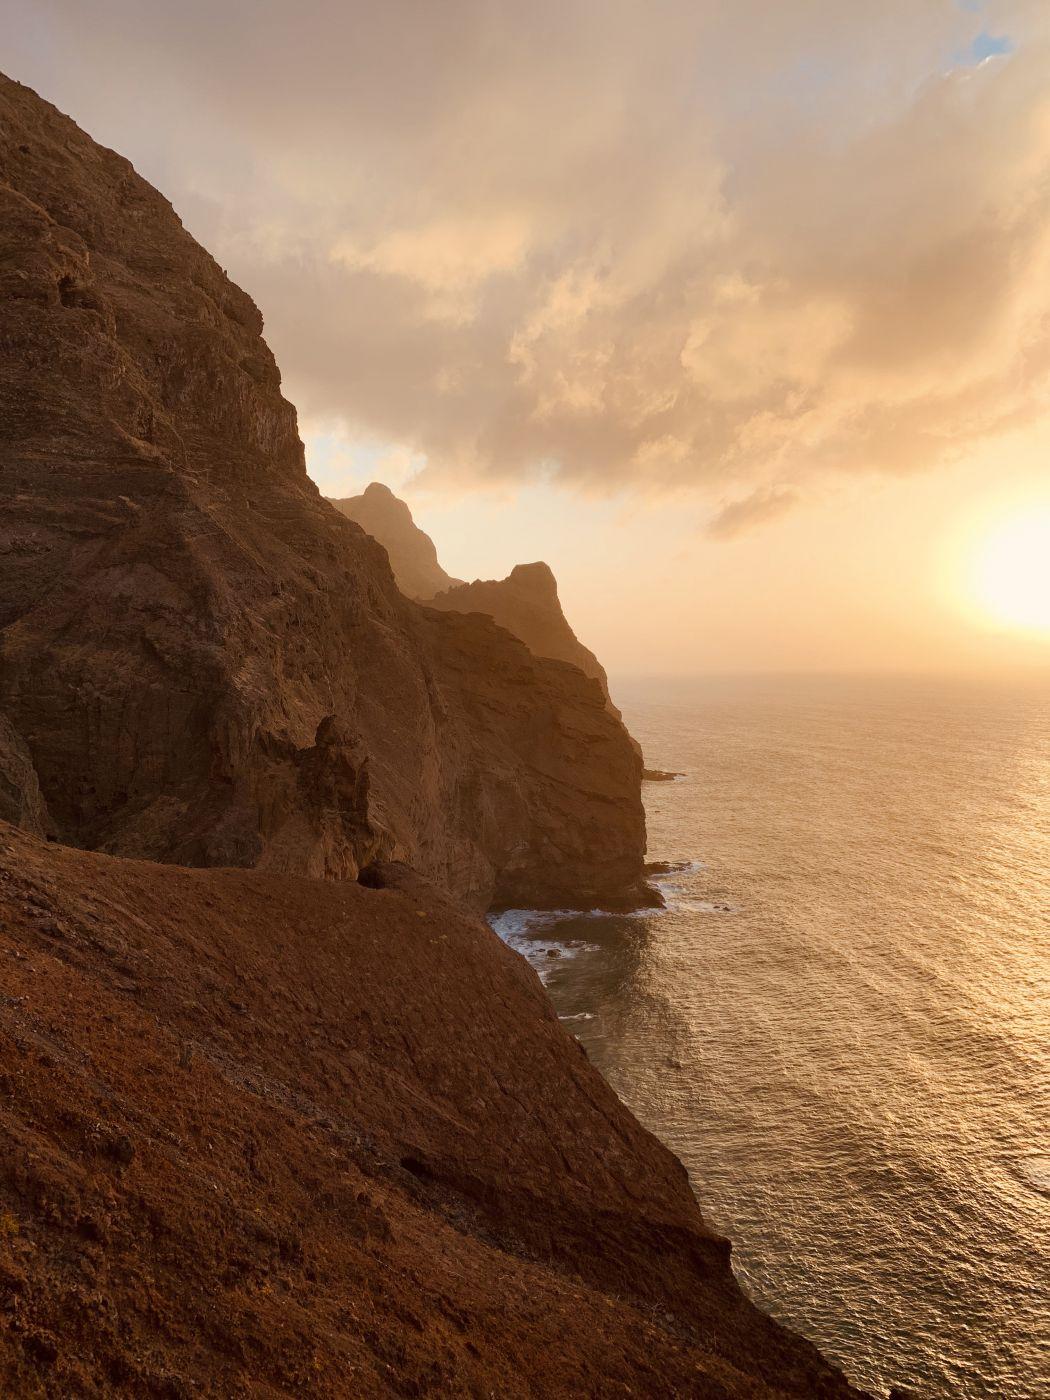 Ponta do Sol, Cape Verde